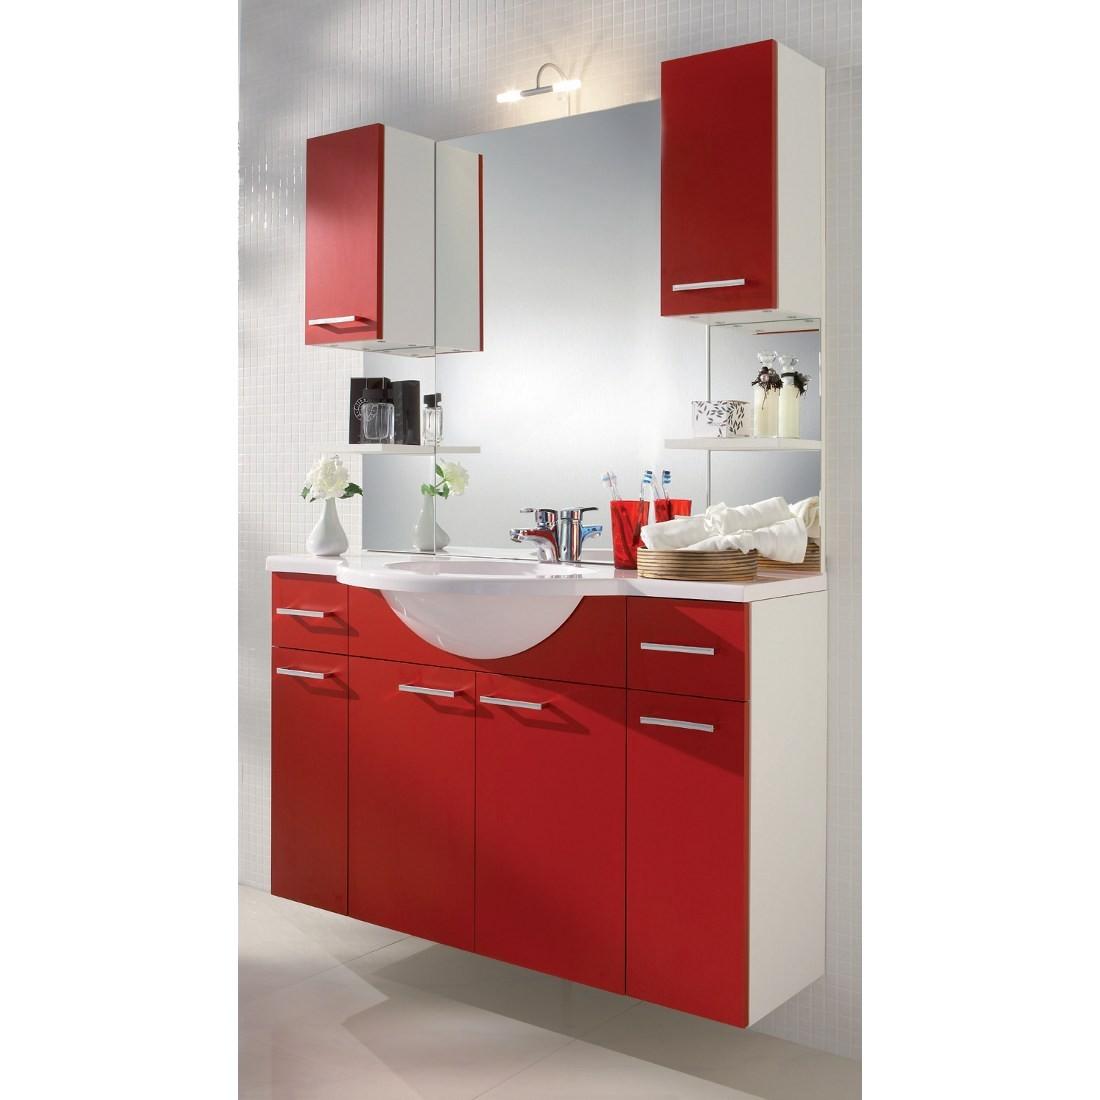 waschplatz auro mit spiegel inkl beleuchtung wei rot mit beleuchtung. Black Bedroom Furniture Sets. Home Design Ideas